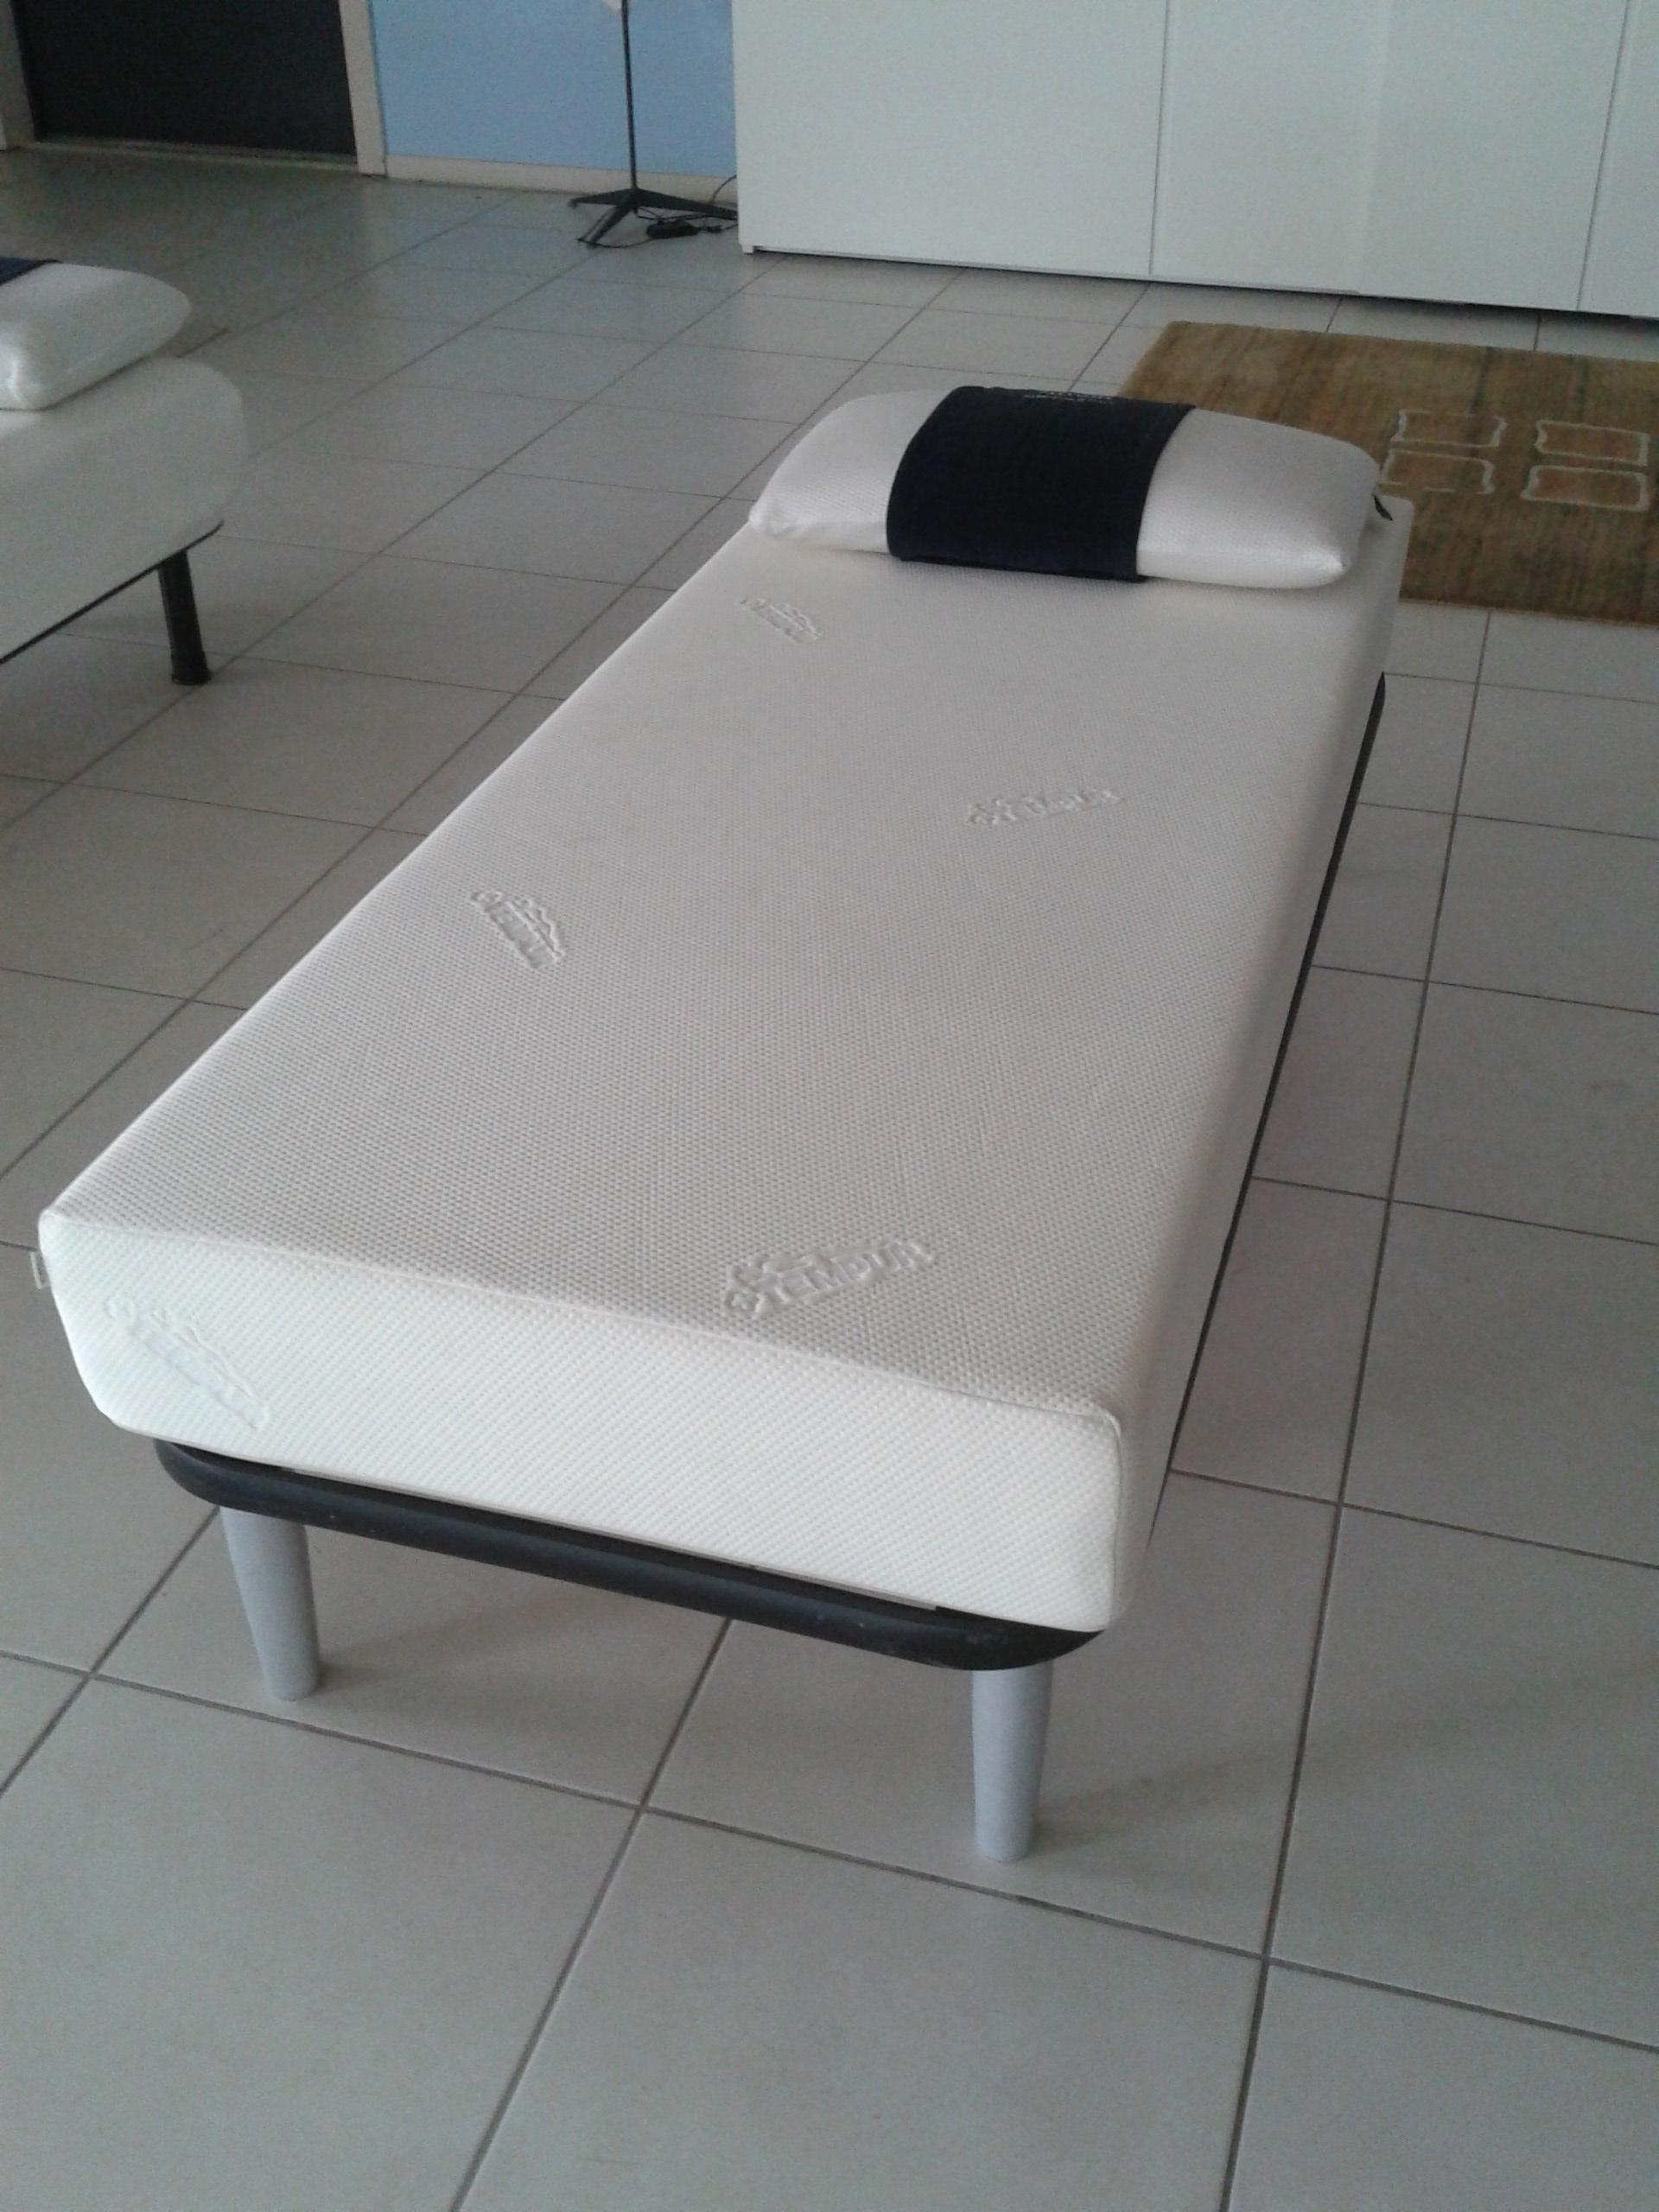 materasso tempur original singolo materassi a prezzi scontati. Black Bedroom Furniture Sets. Home Design Ideas